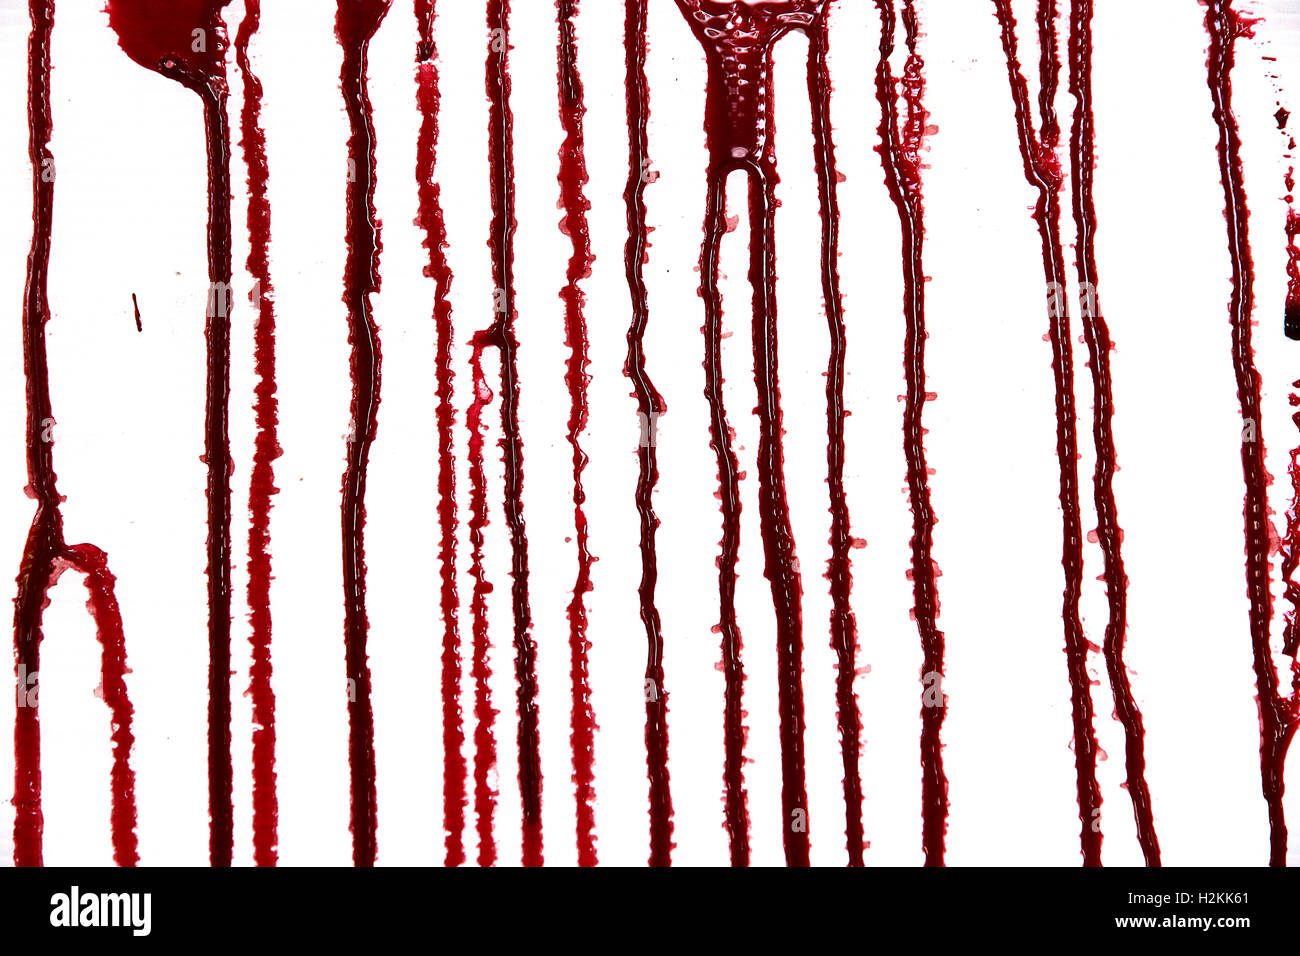 8 einstellen. Blutstropfen und Blutflecken auf isolierten weißen Hintergrund für Horror Inhalt. Stockbild